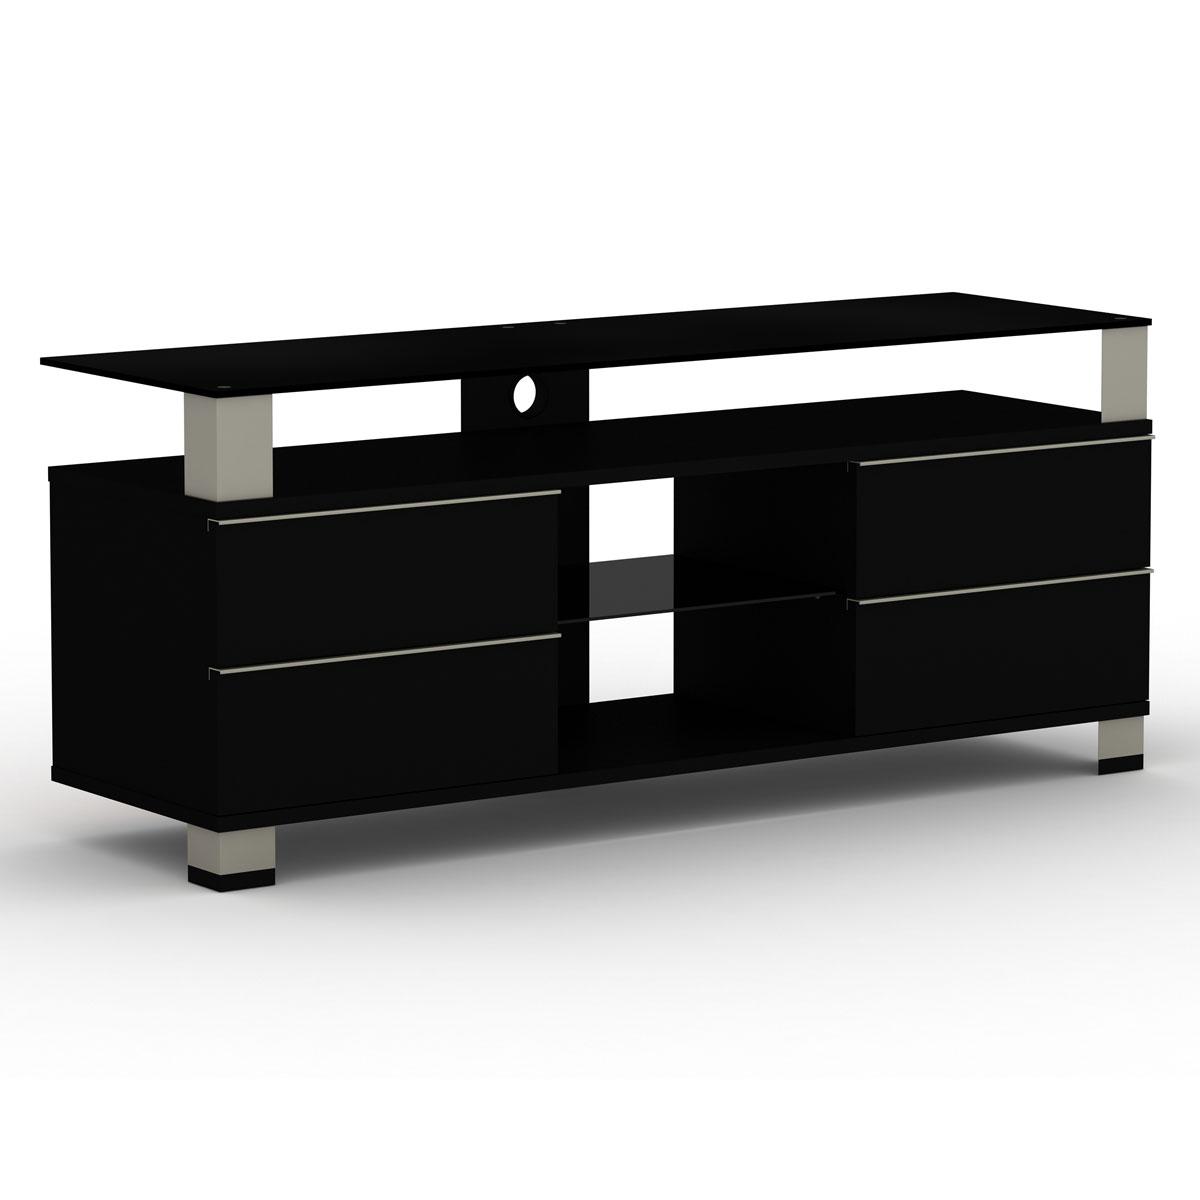 Elmob pone pn 140 03 noir pn 140 03 black achat vente meuble tv sur ldl - Meuble television ecran plat ...